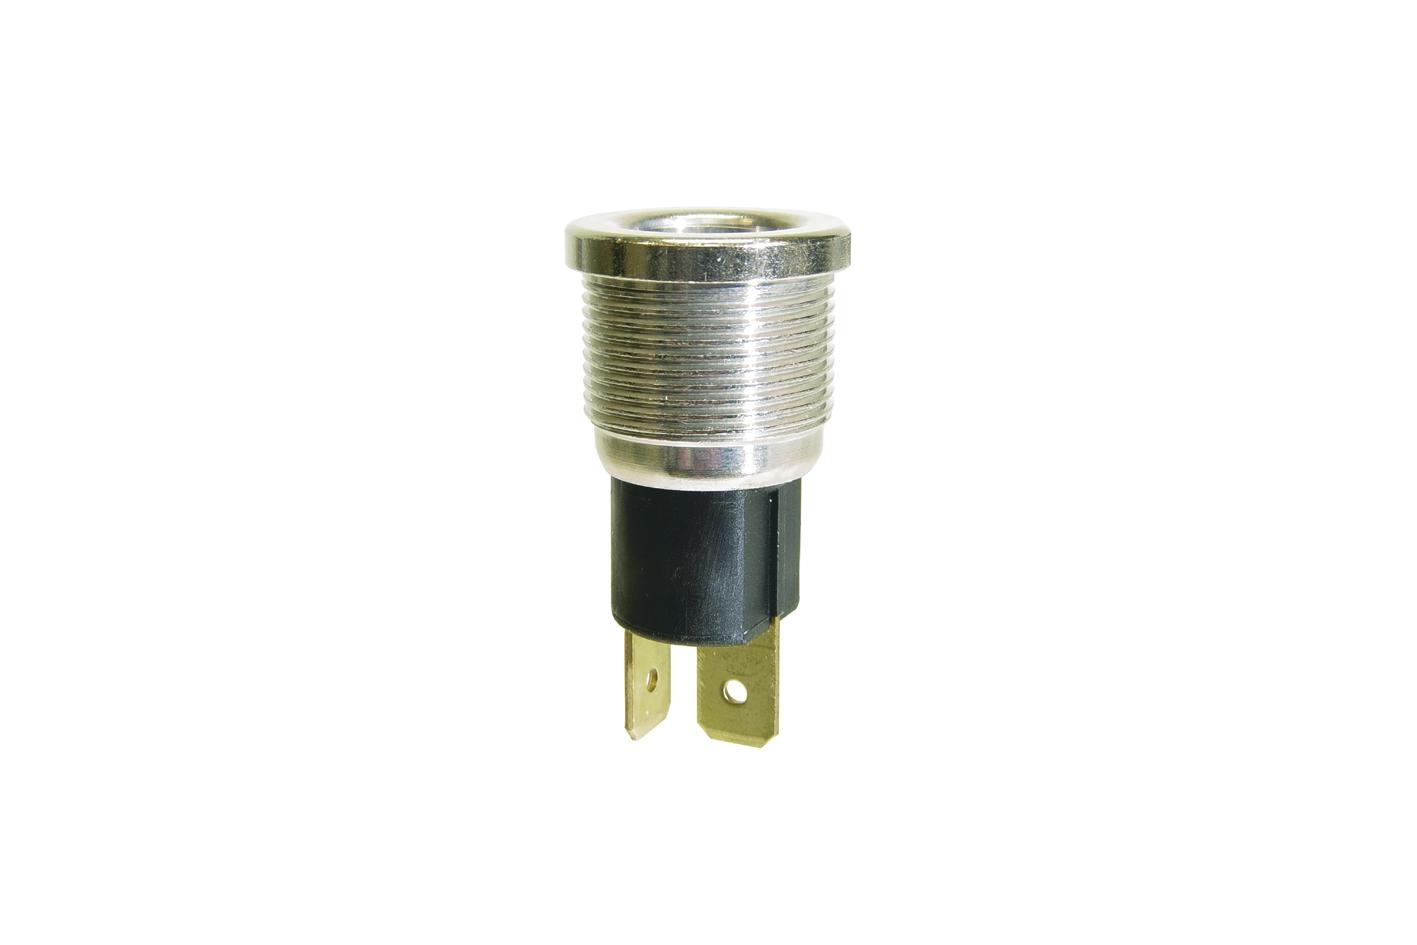 Steckdose 2 polig ohne Deckel M18x1 für Rundumkennleuchte